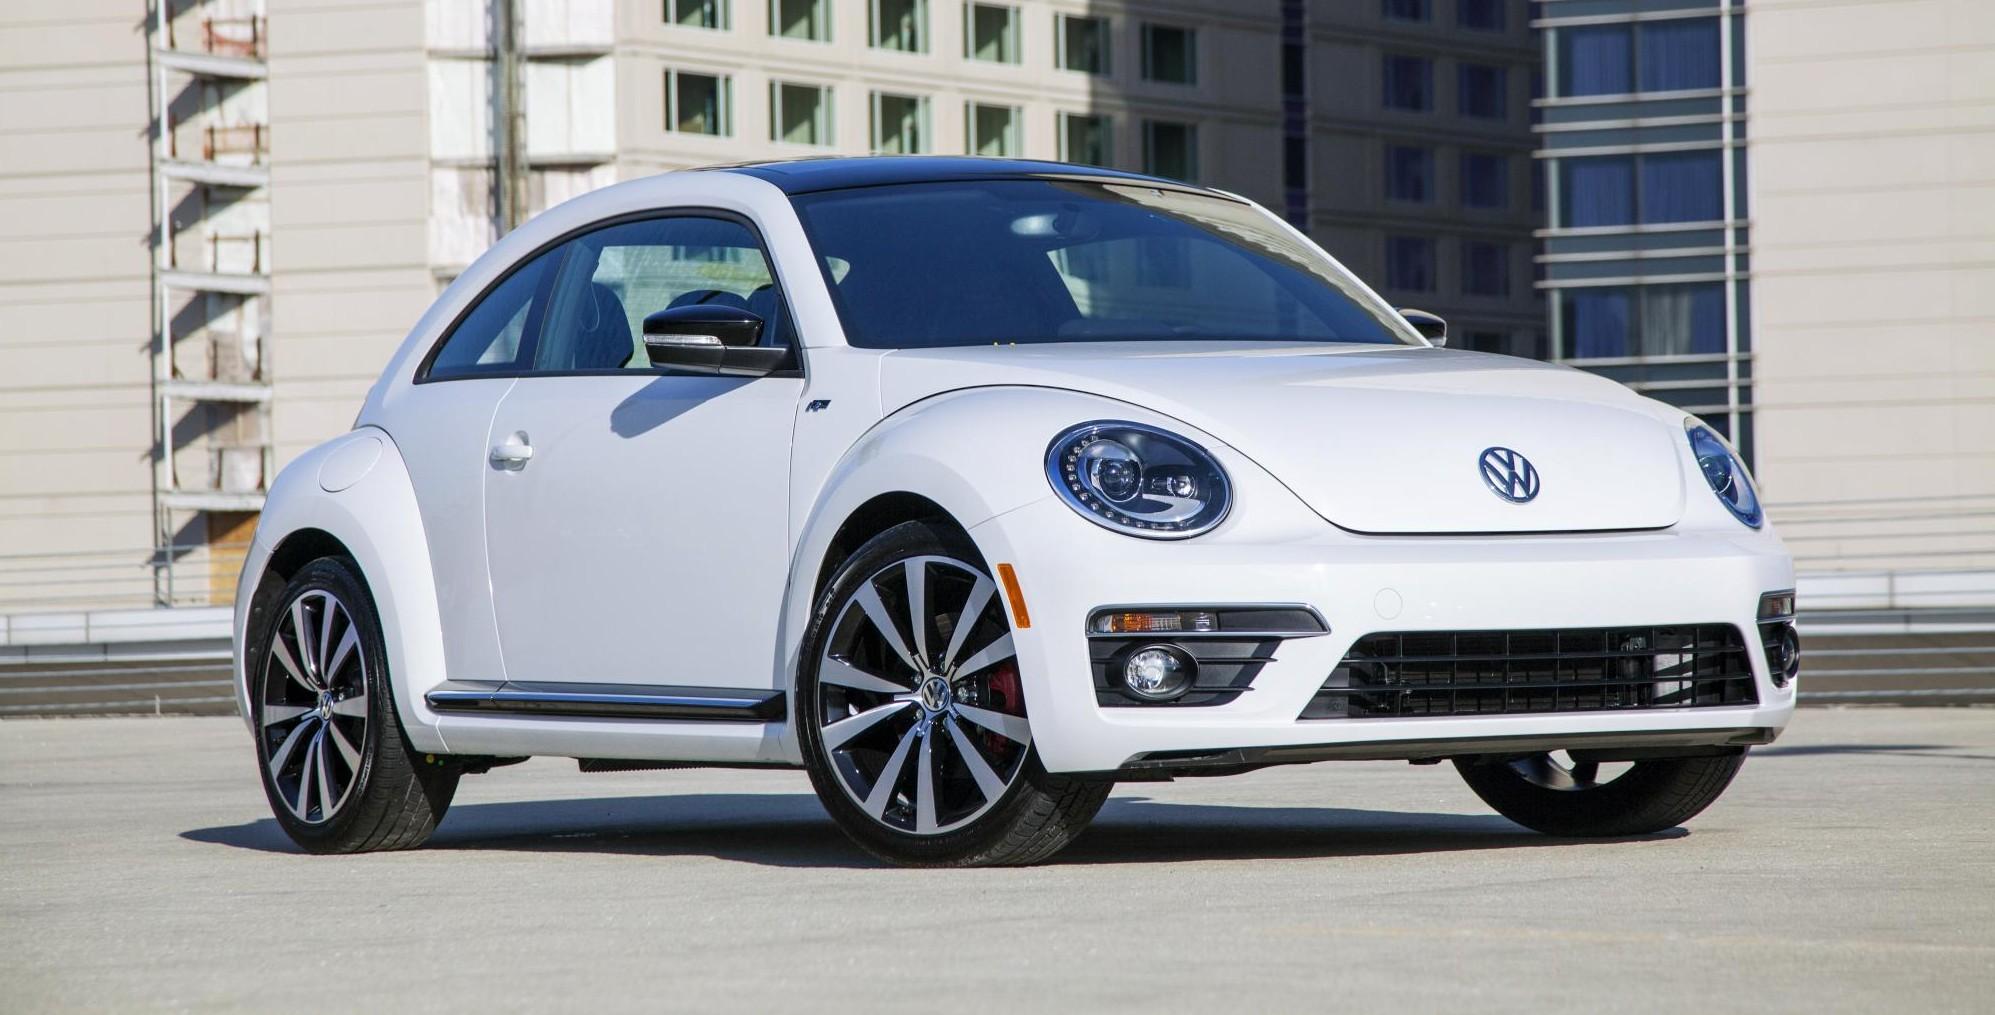 VW Beetle R Line e1367590020340 600x305